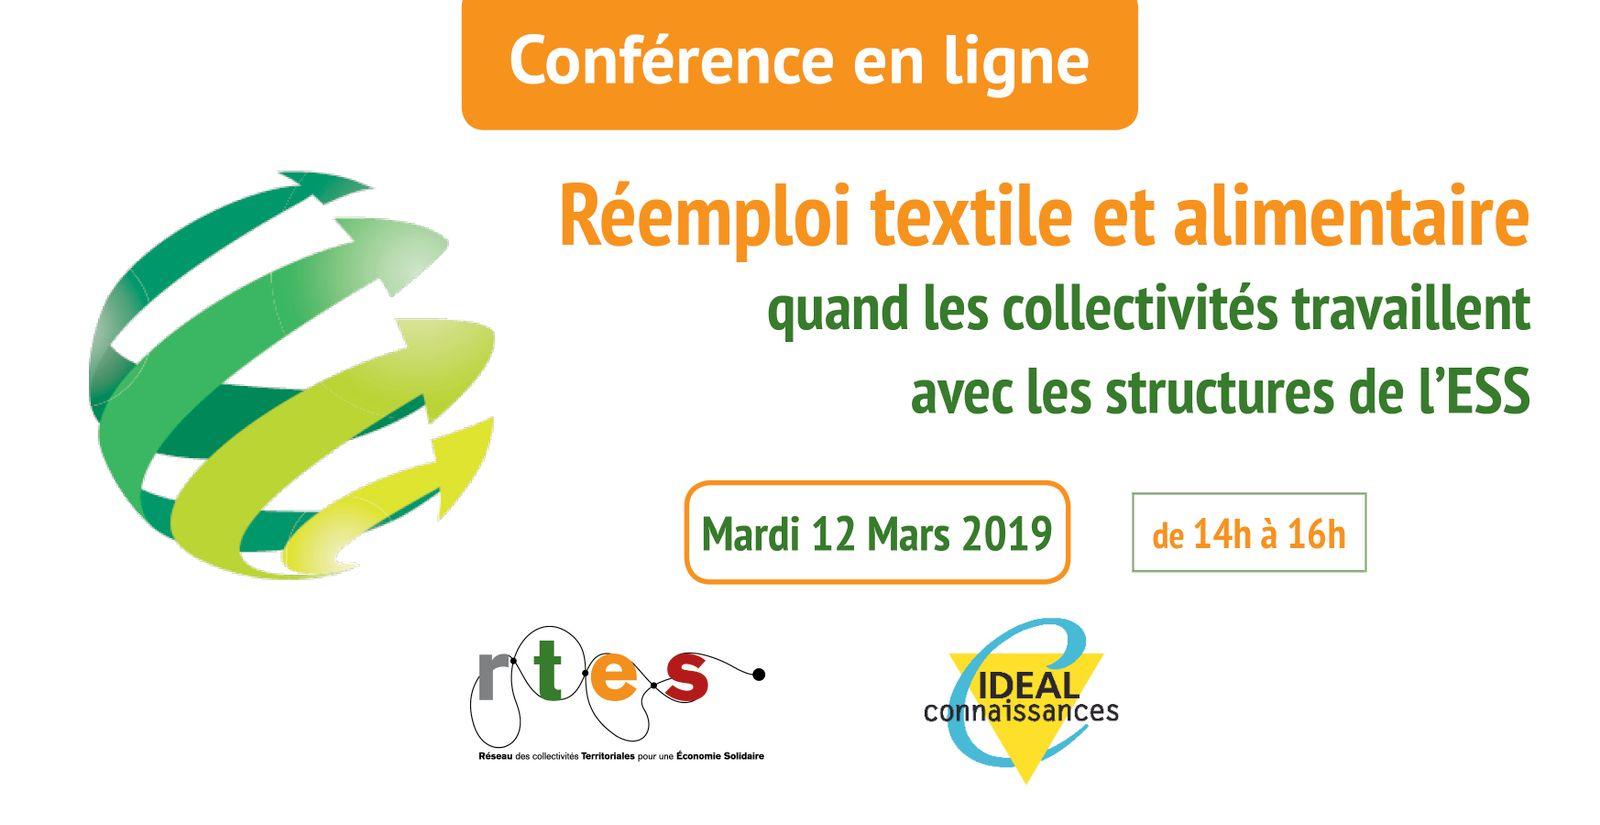 Réemploi textile et alimentaire : quand les collectivités travaillent avec les structures de l'ESS